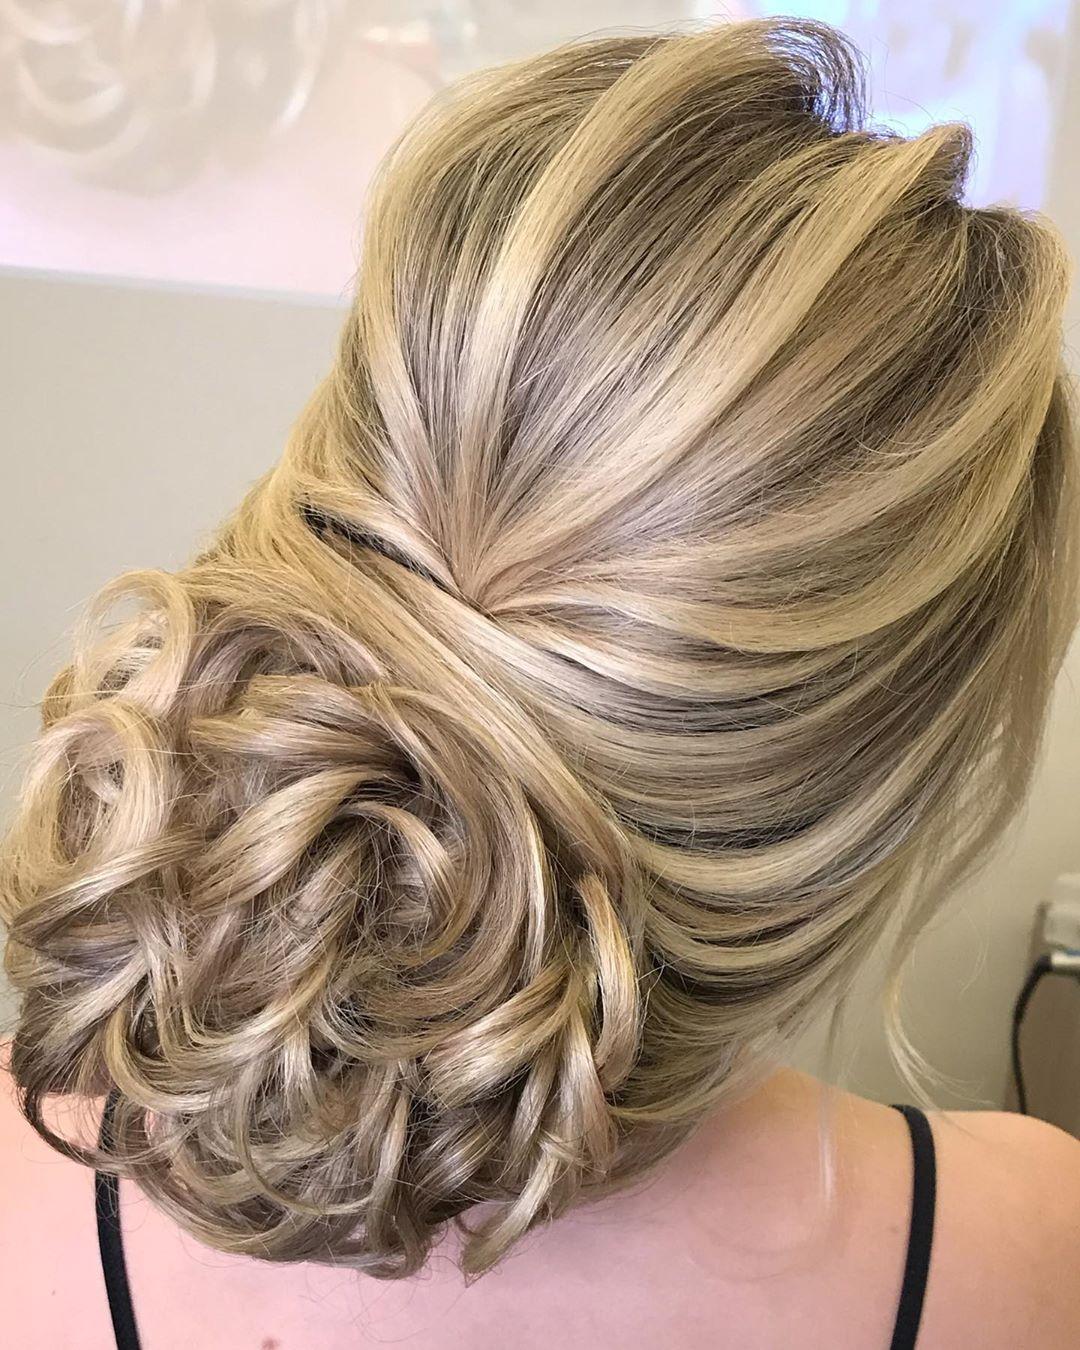 penteados para festa coque 2